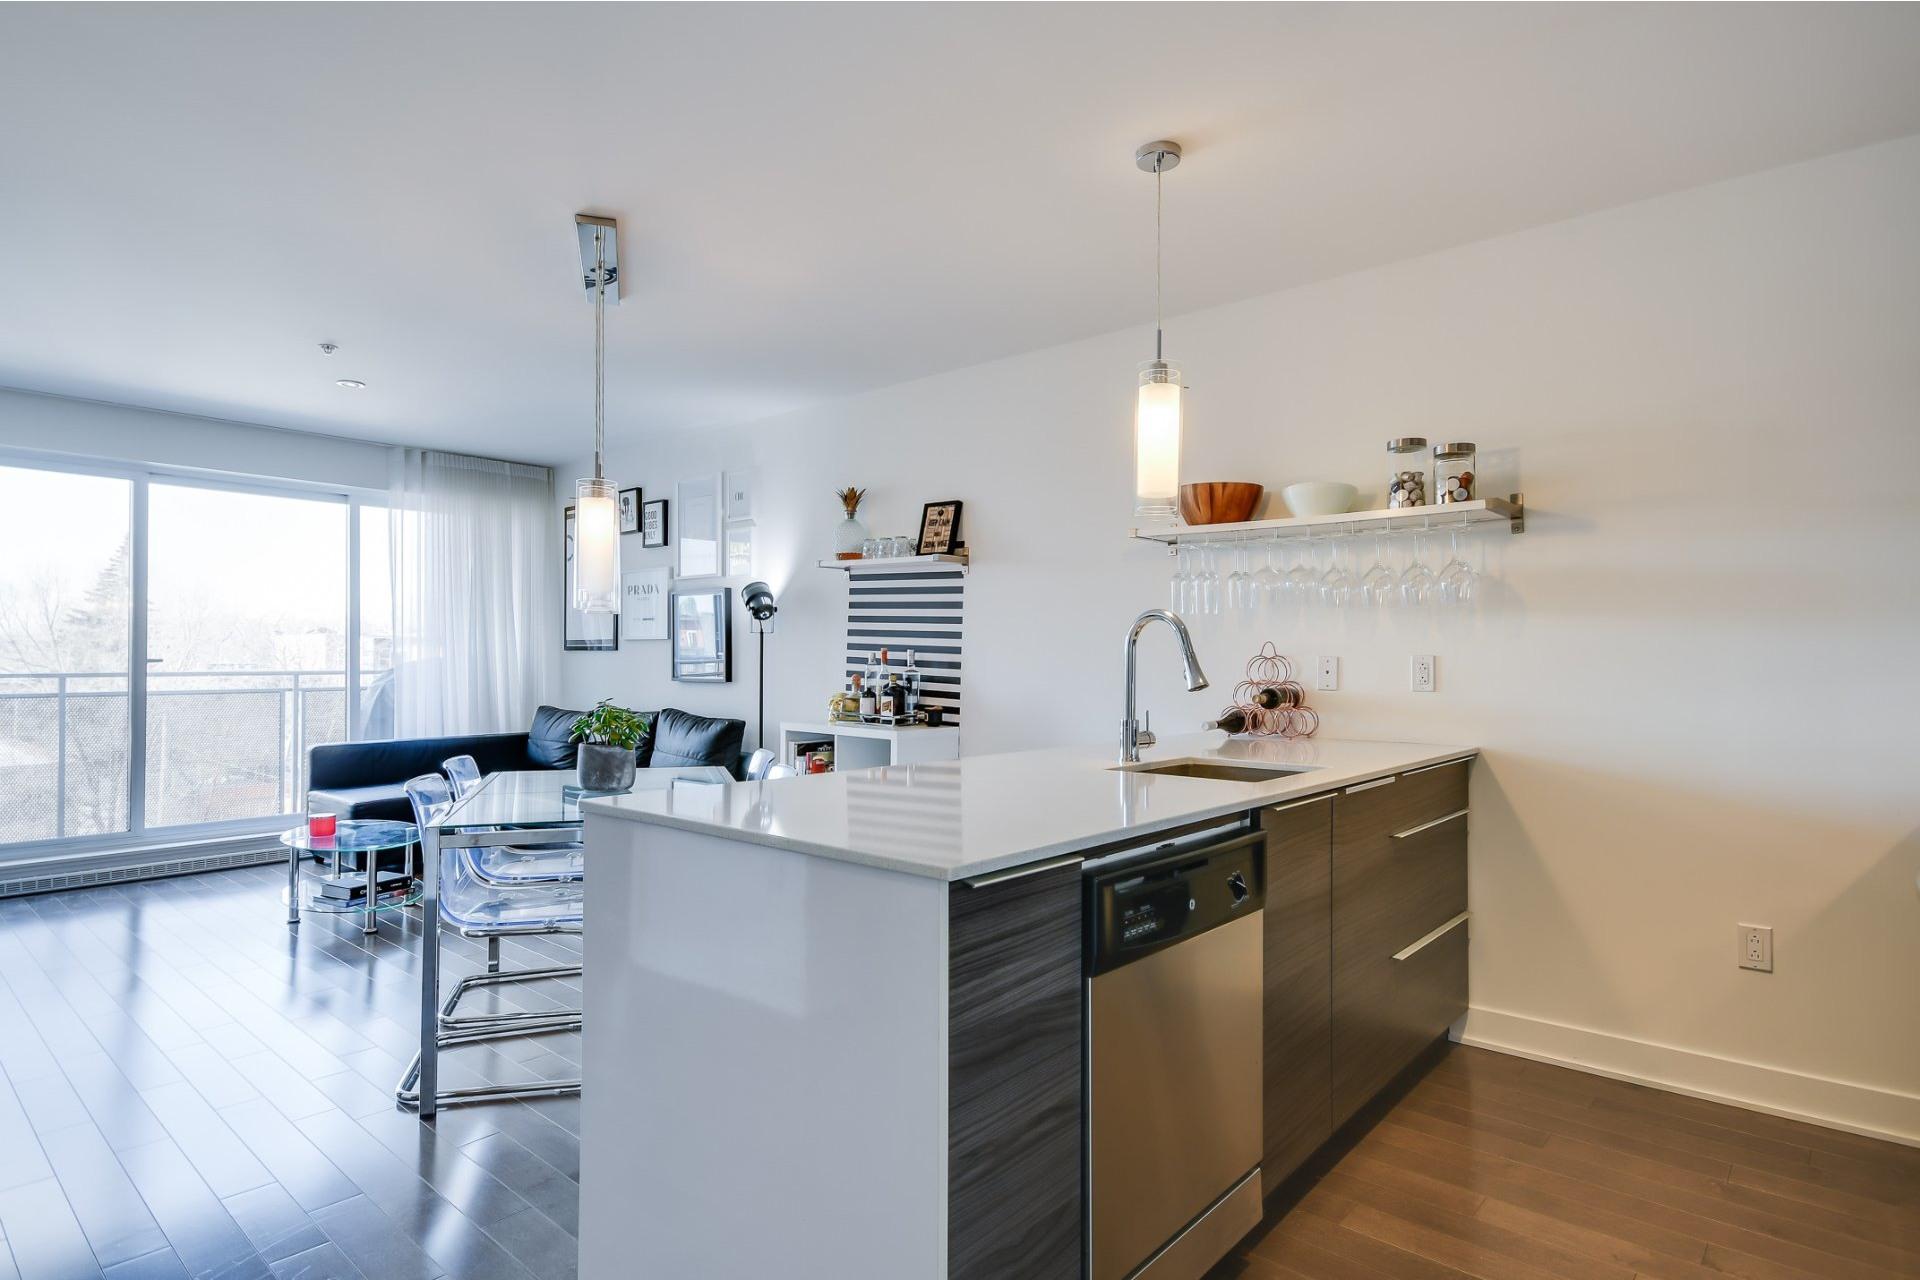 image 2 - Appartement À vendre Rosemont/La Petite-Patrie Montréal  - 4 pièces